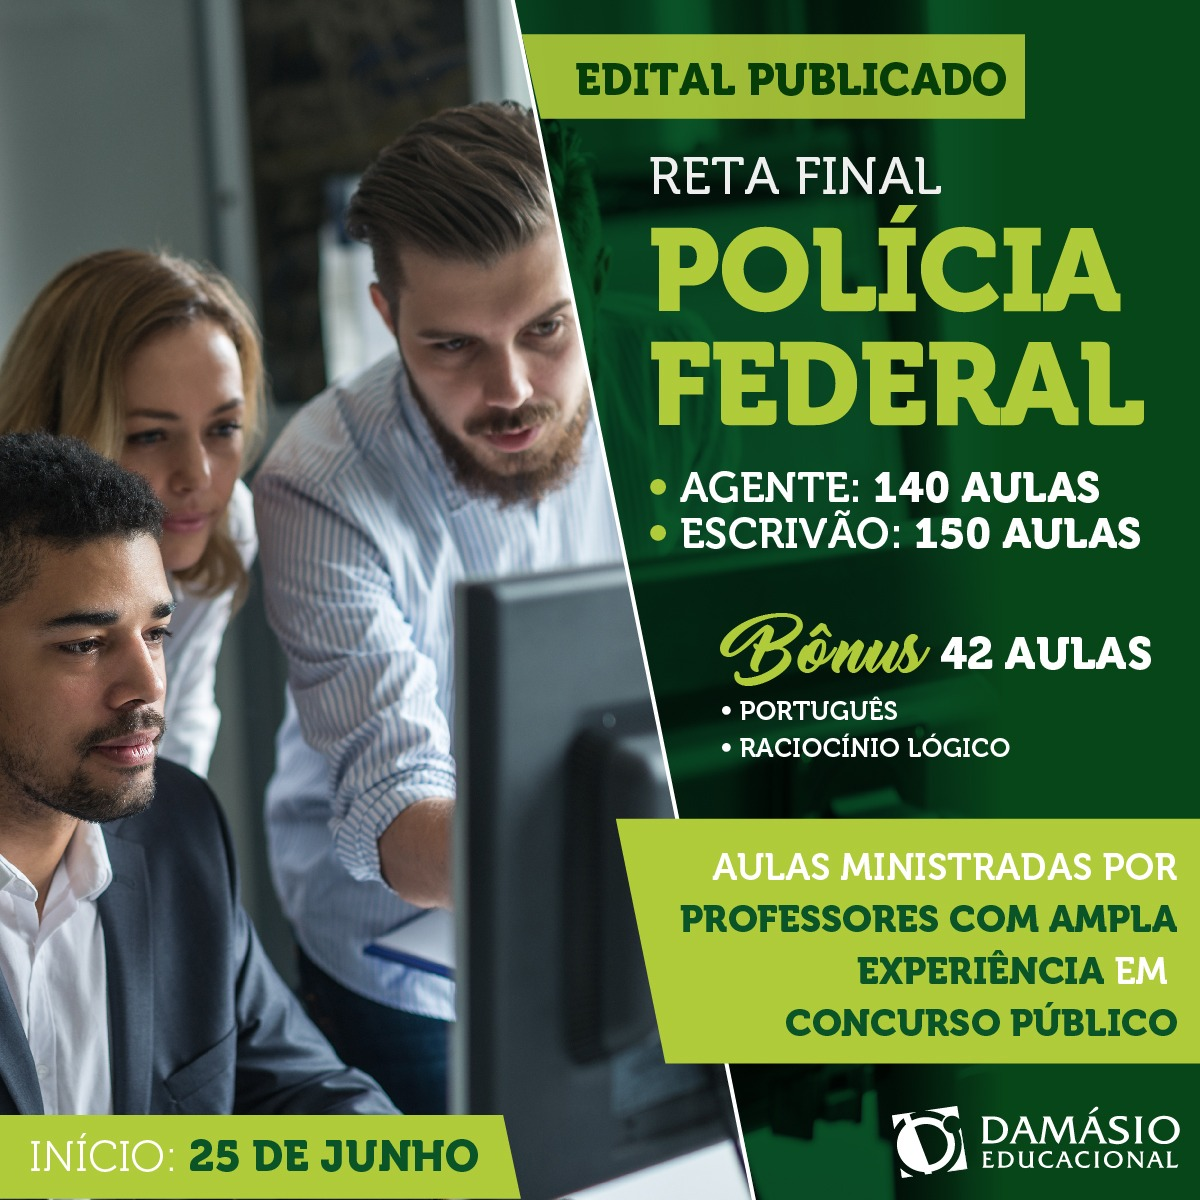 Damásio Educacional em Paraíso (TO) tem ofertas de cursos para concurso da PF